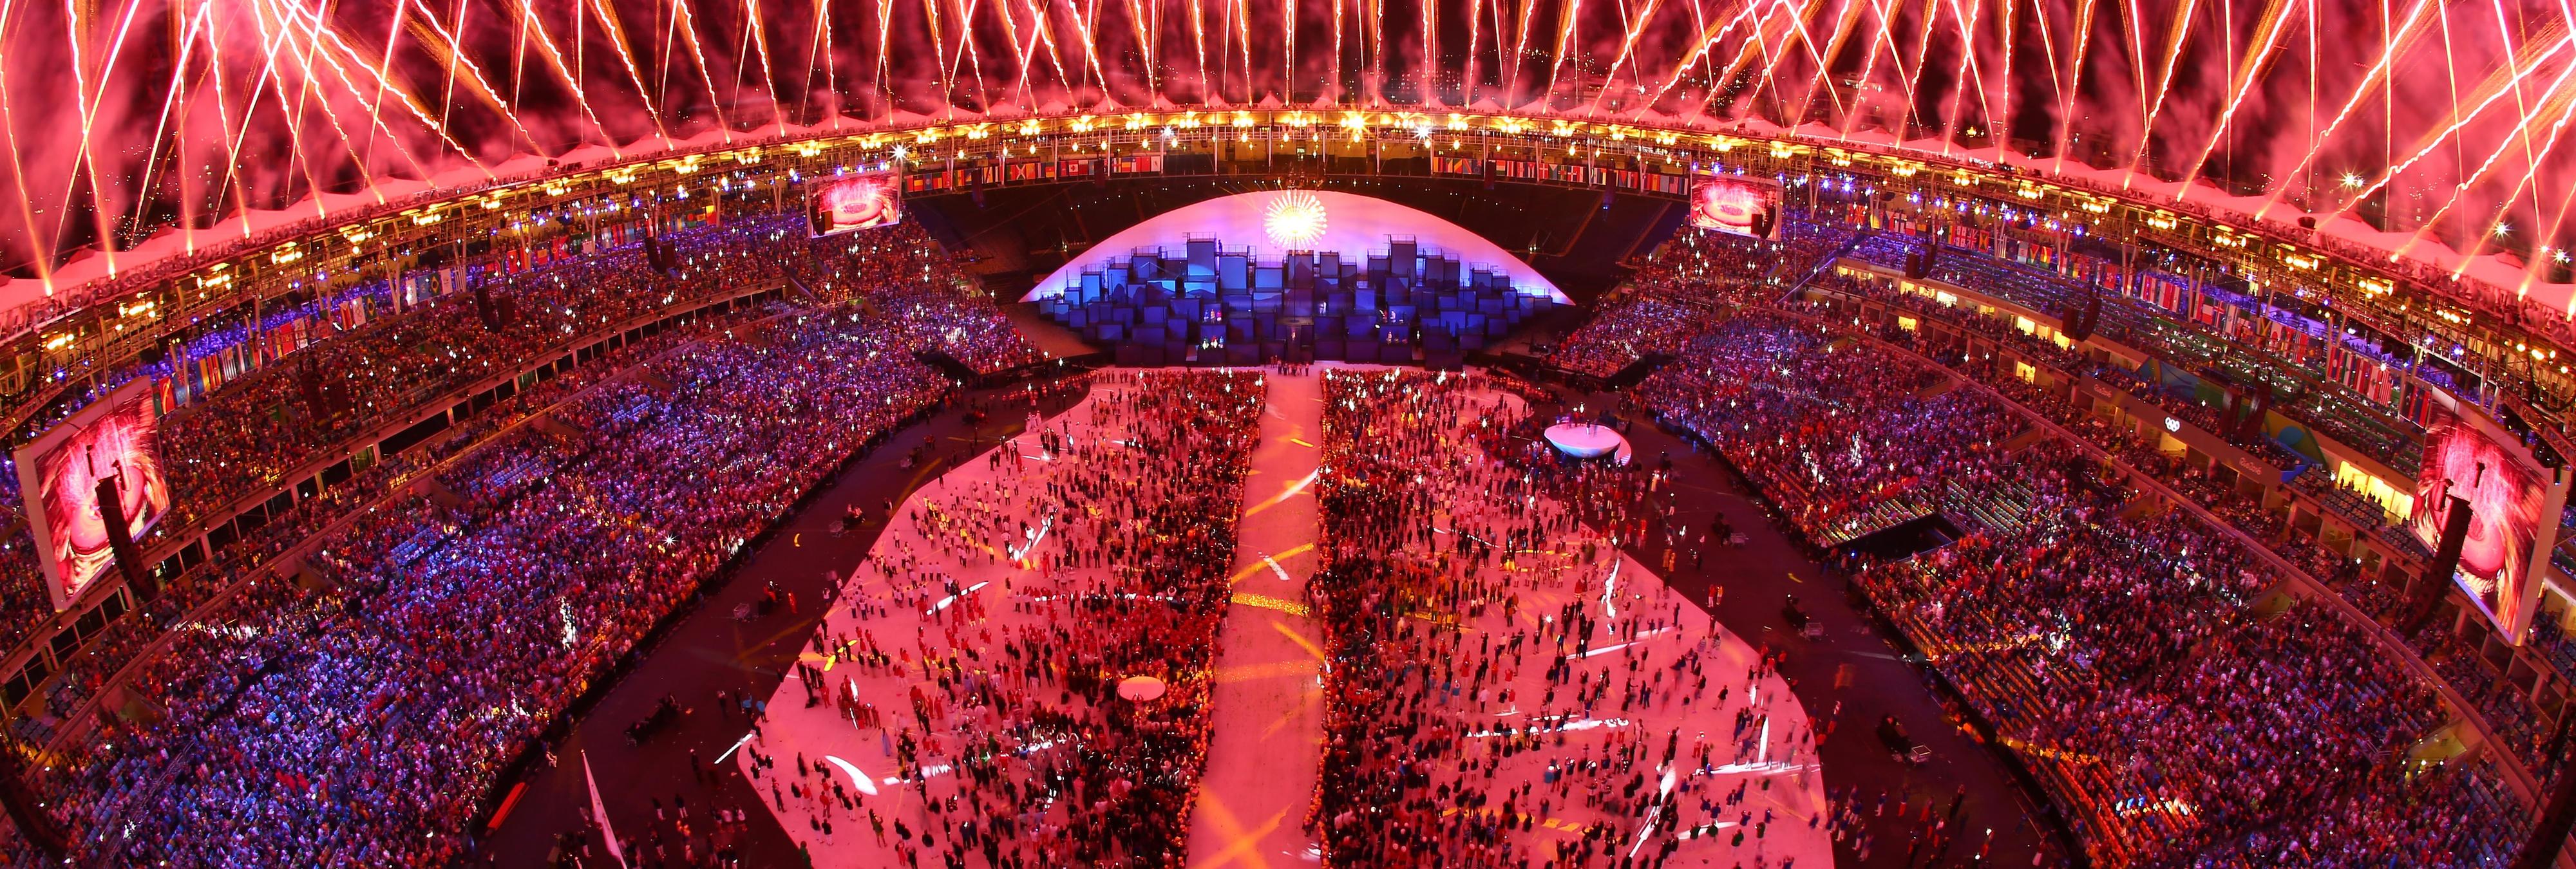 La gente está pensando que el Estadio Olímpico de Río parece una vagina